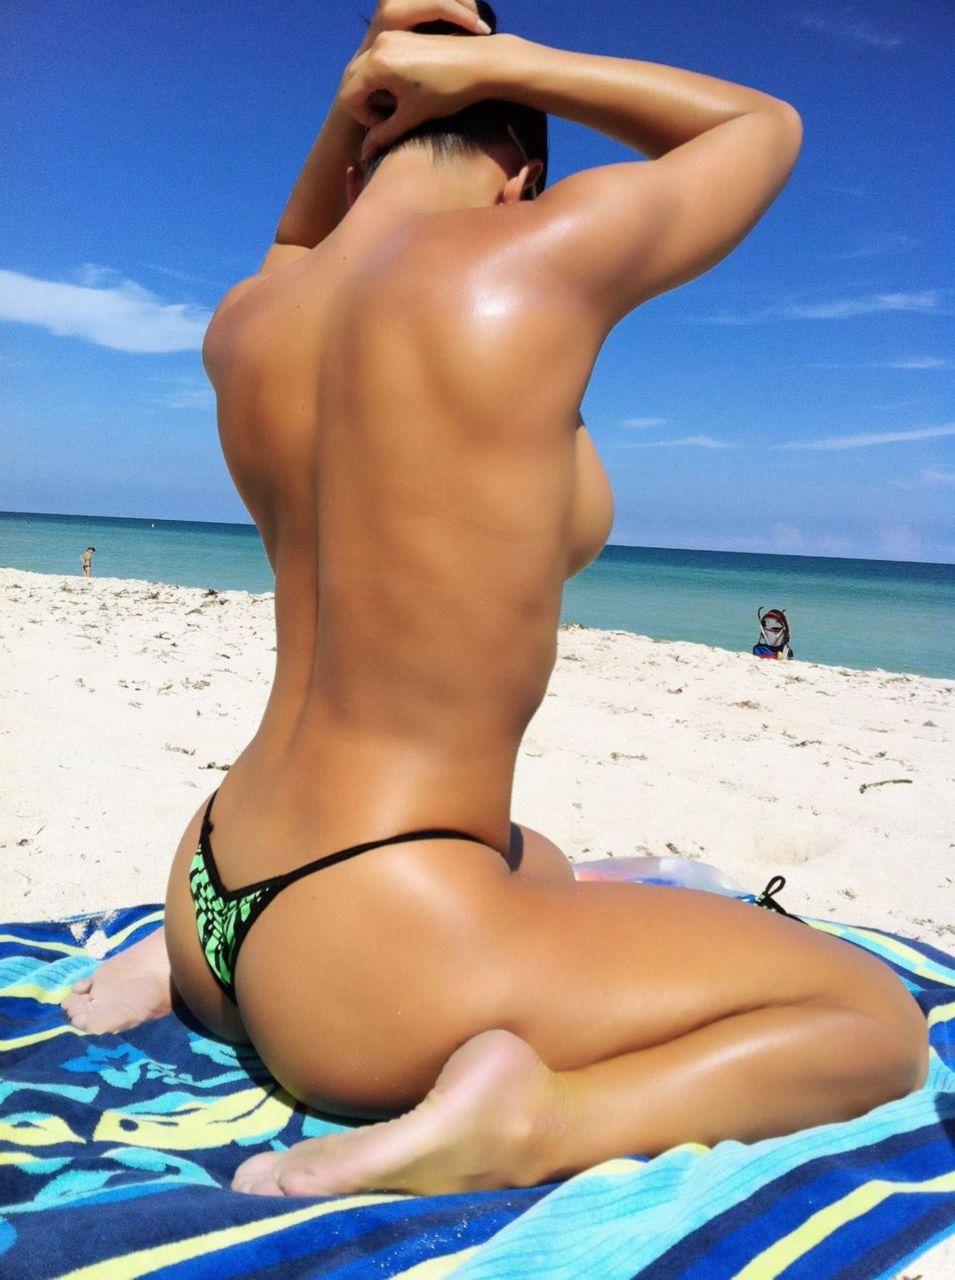 Хотелось еще красивые голые девушки в бикини автору. дальше